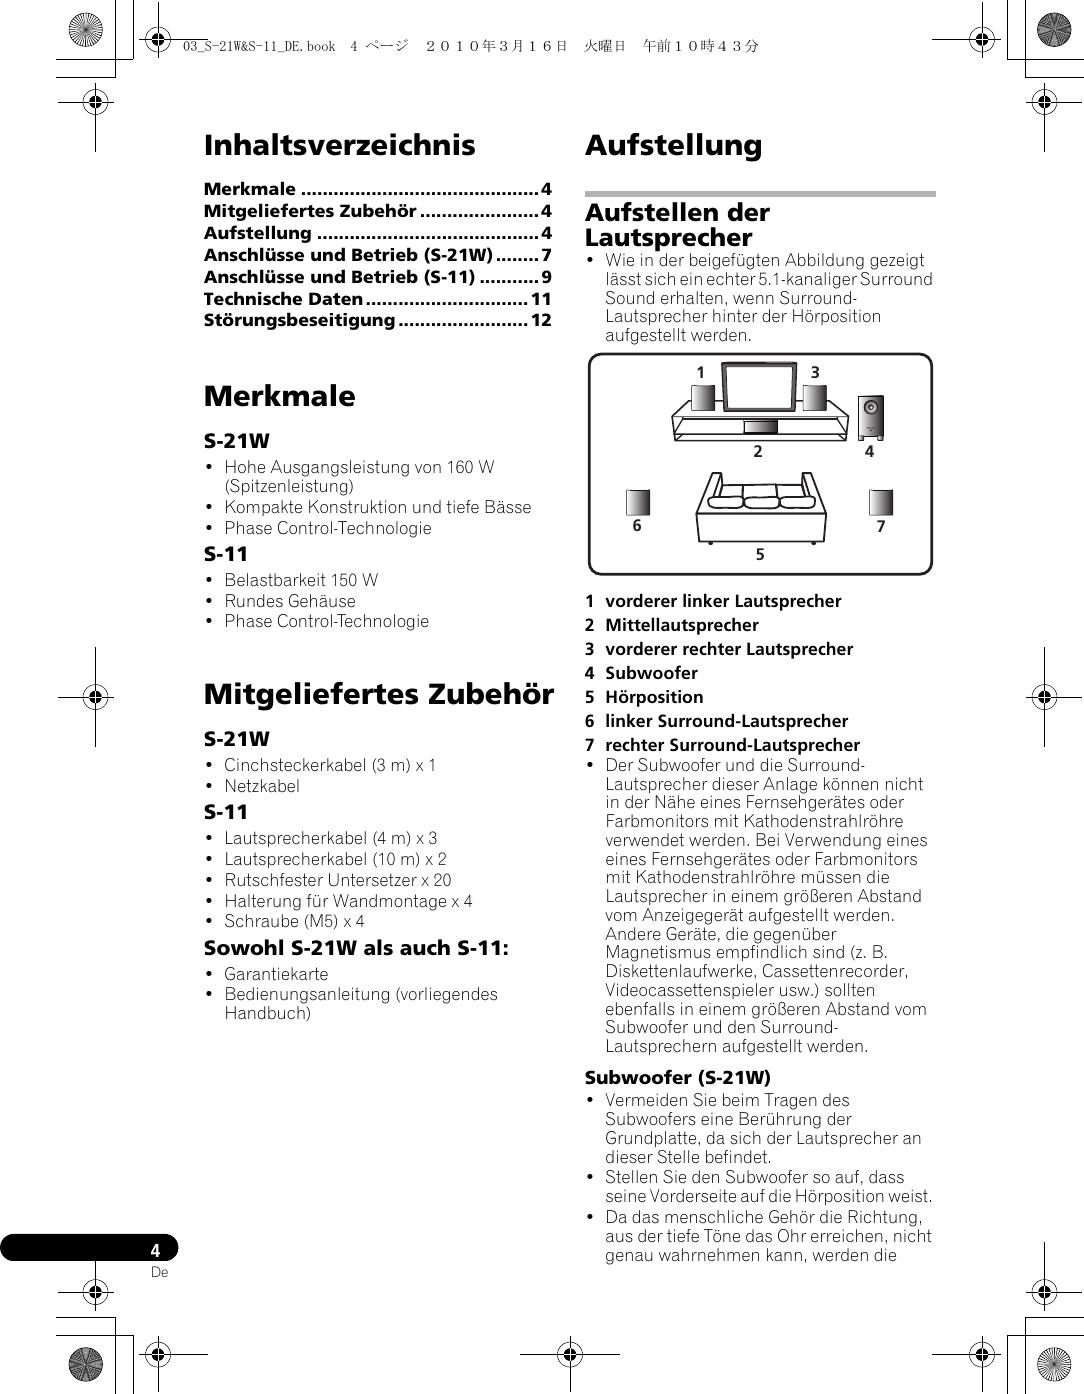 Groß Lautsprecherkabelanschlüsse Zeitgenössisch - Der Schaltplan ...